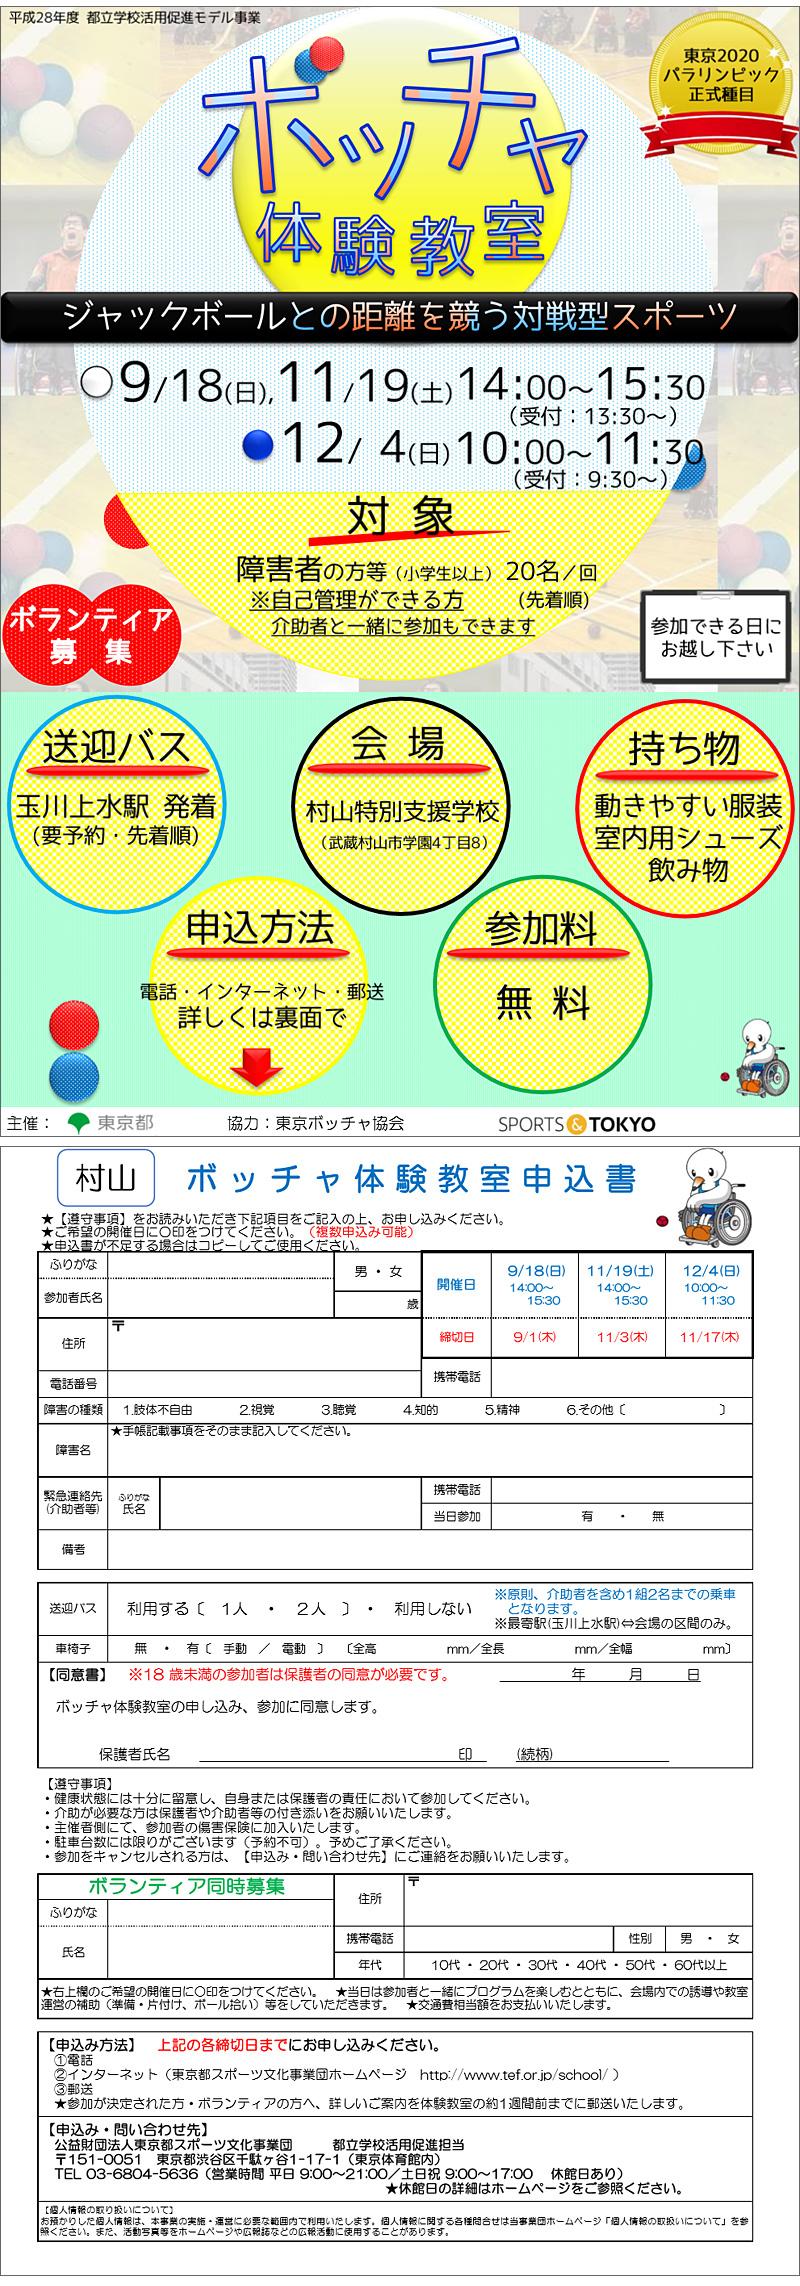 ボッチャ体験教室(平成28年度 都立学校活用促進モデル事業)in東京都立村山特別支援学校